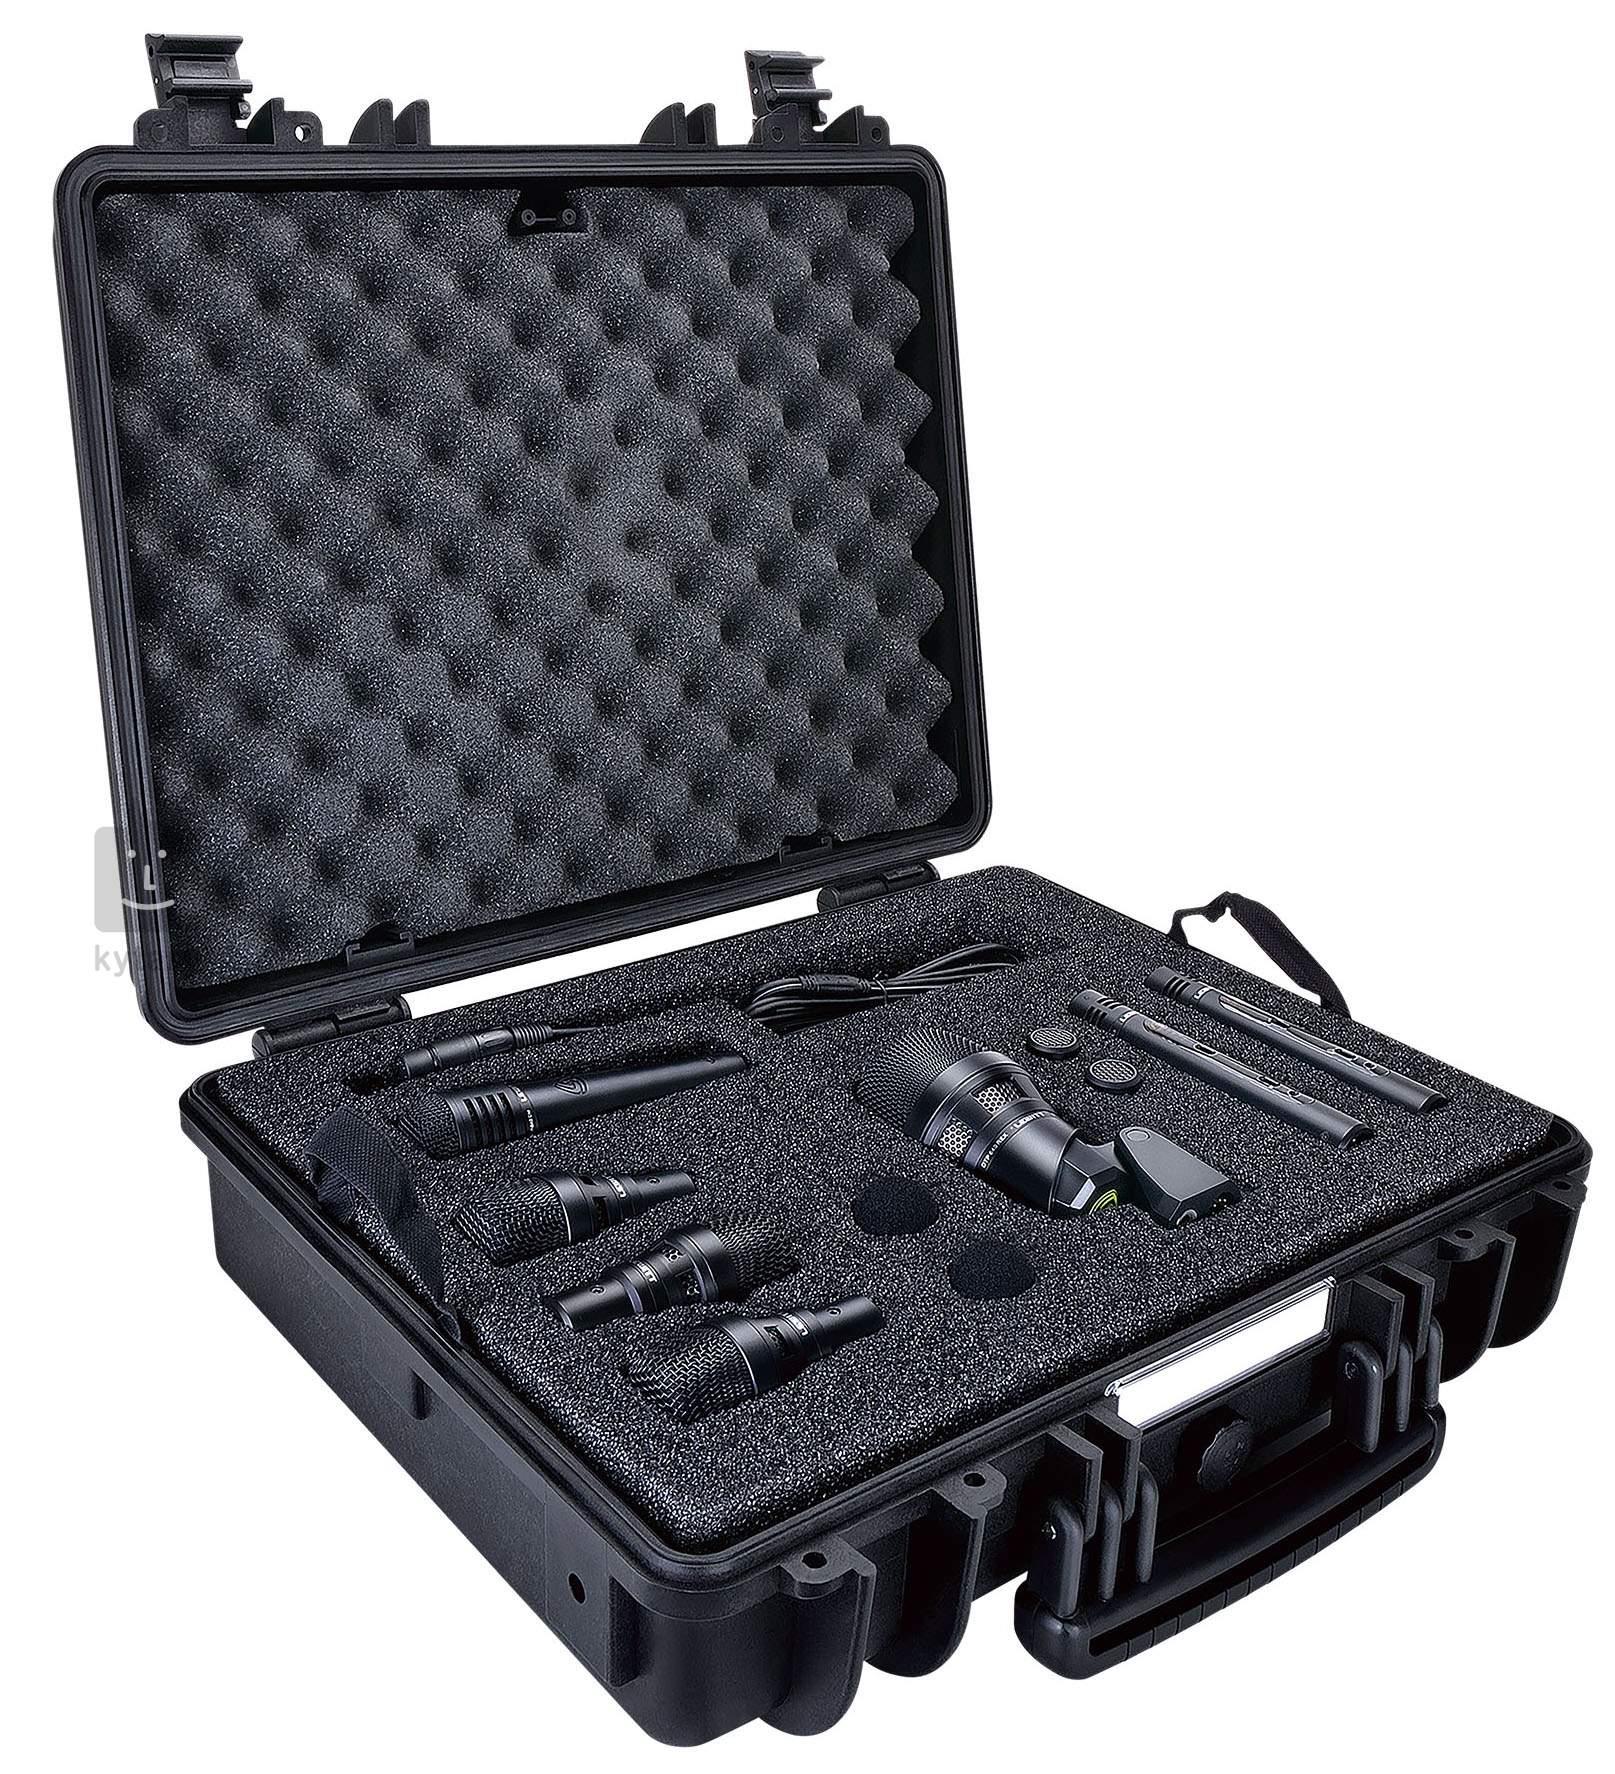 64e45c5e673 LEWITT DTP Beat Kit Pro 7 cardioid only Drum Microphone Set